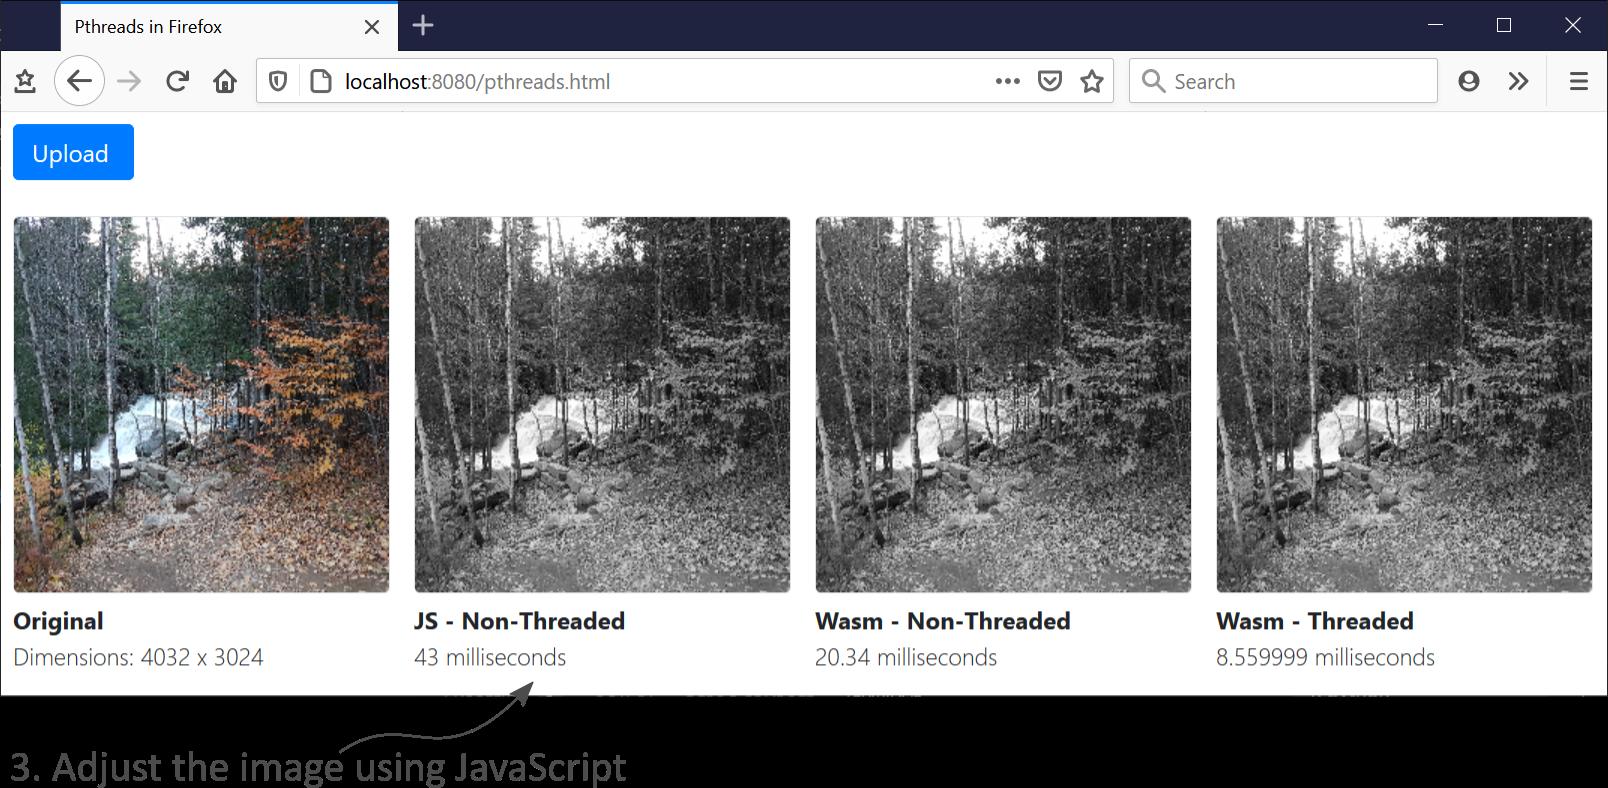 Adjusting images using javascript